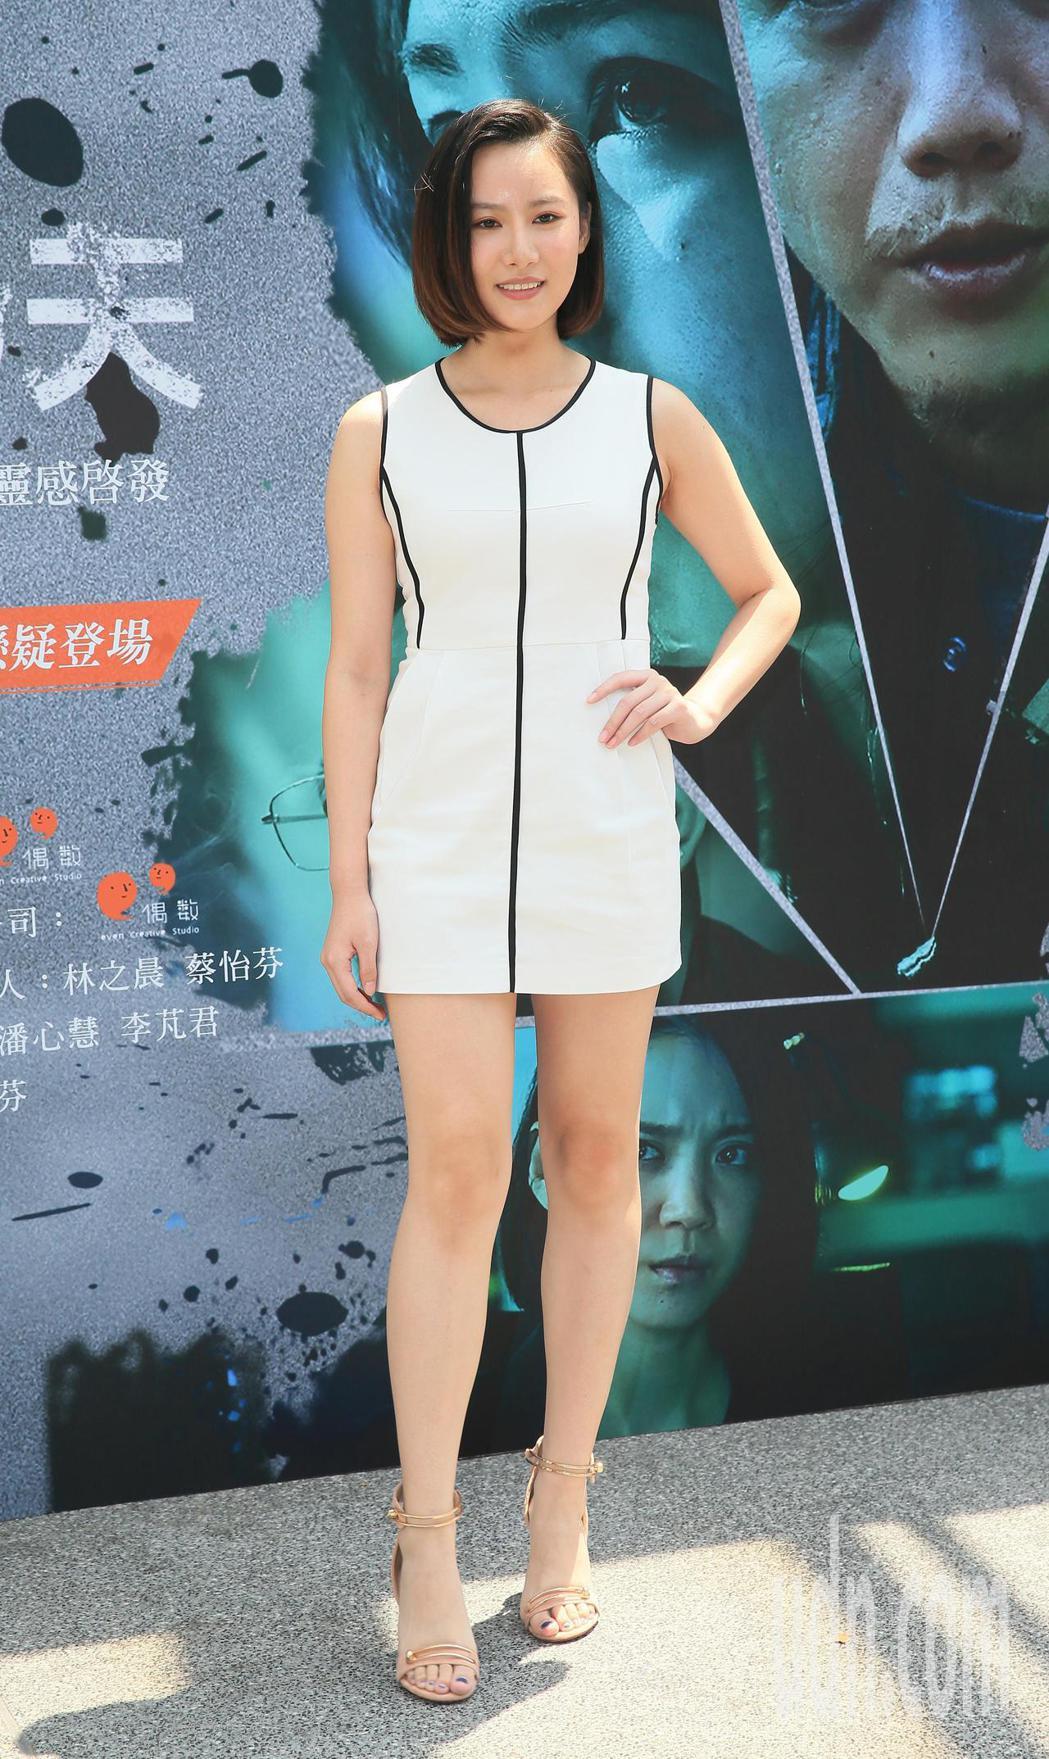 「追兇500天」首映會今天舉行,主要演員胡廣雯出席。記者潘俊宏/攝影